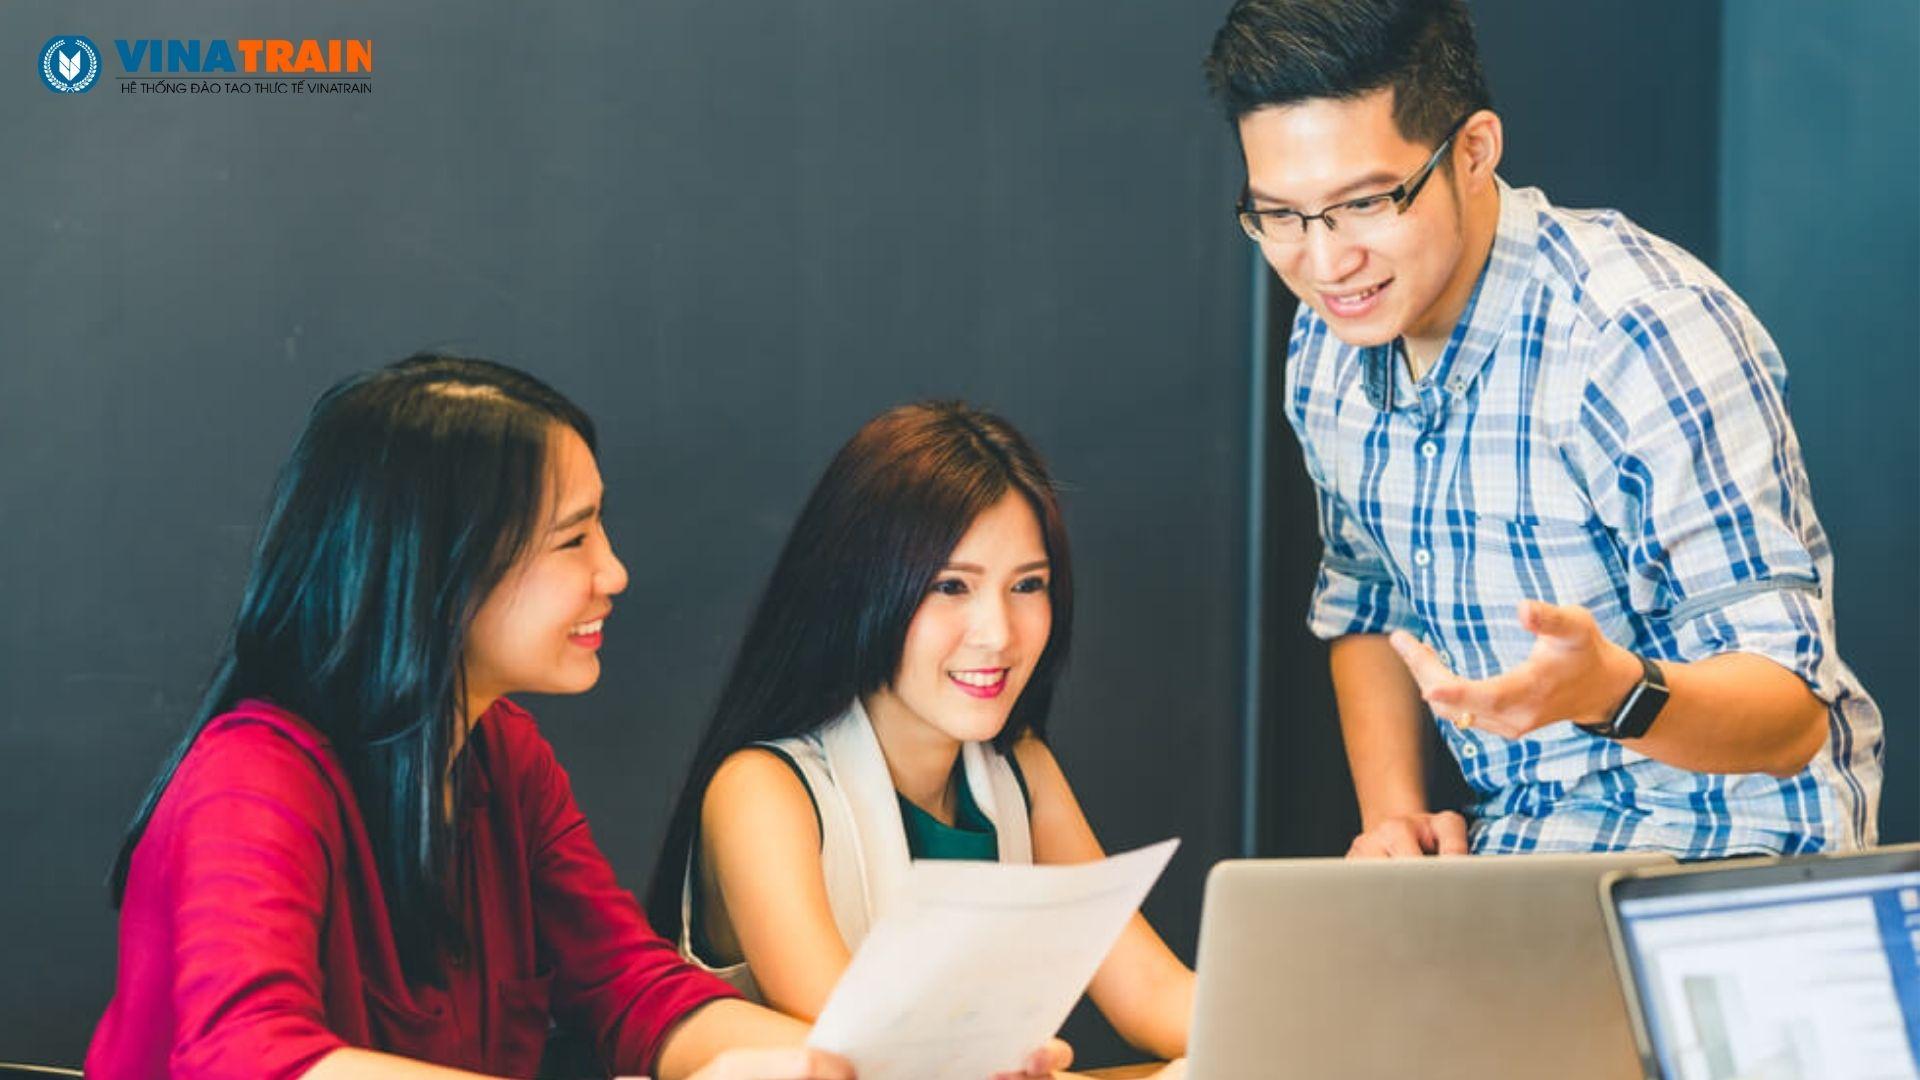 Giao việc cho nhân viên mới nằm trong quy trình tuyển dụng